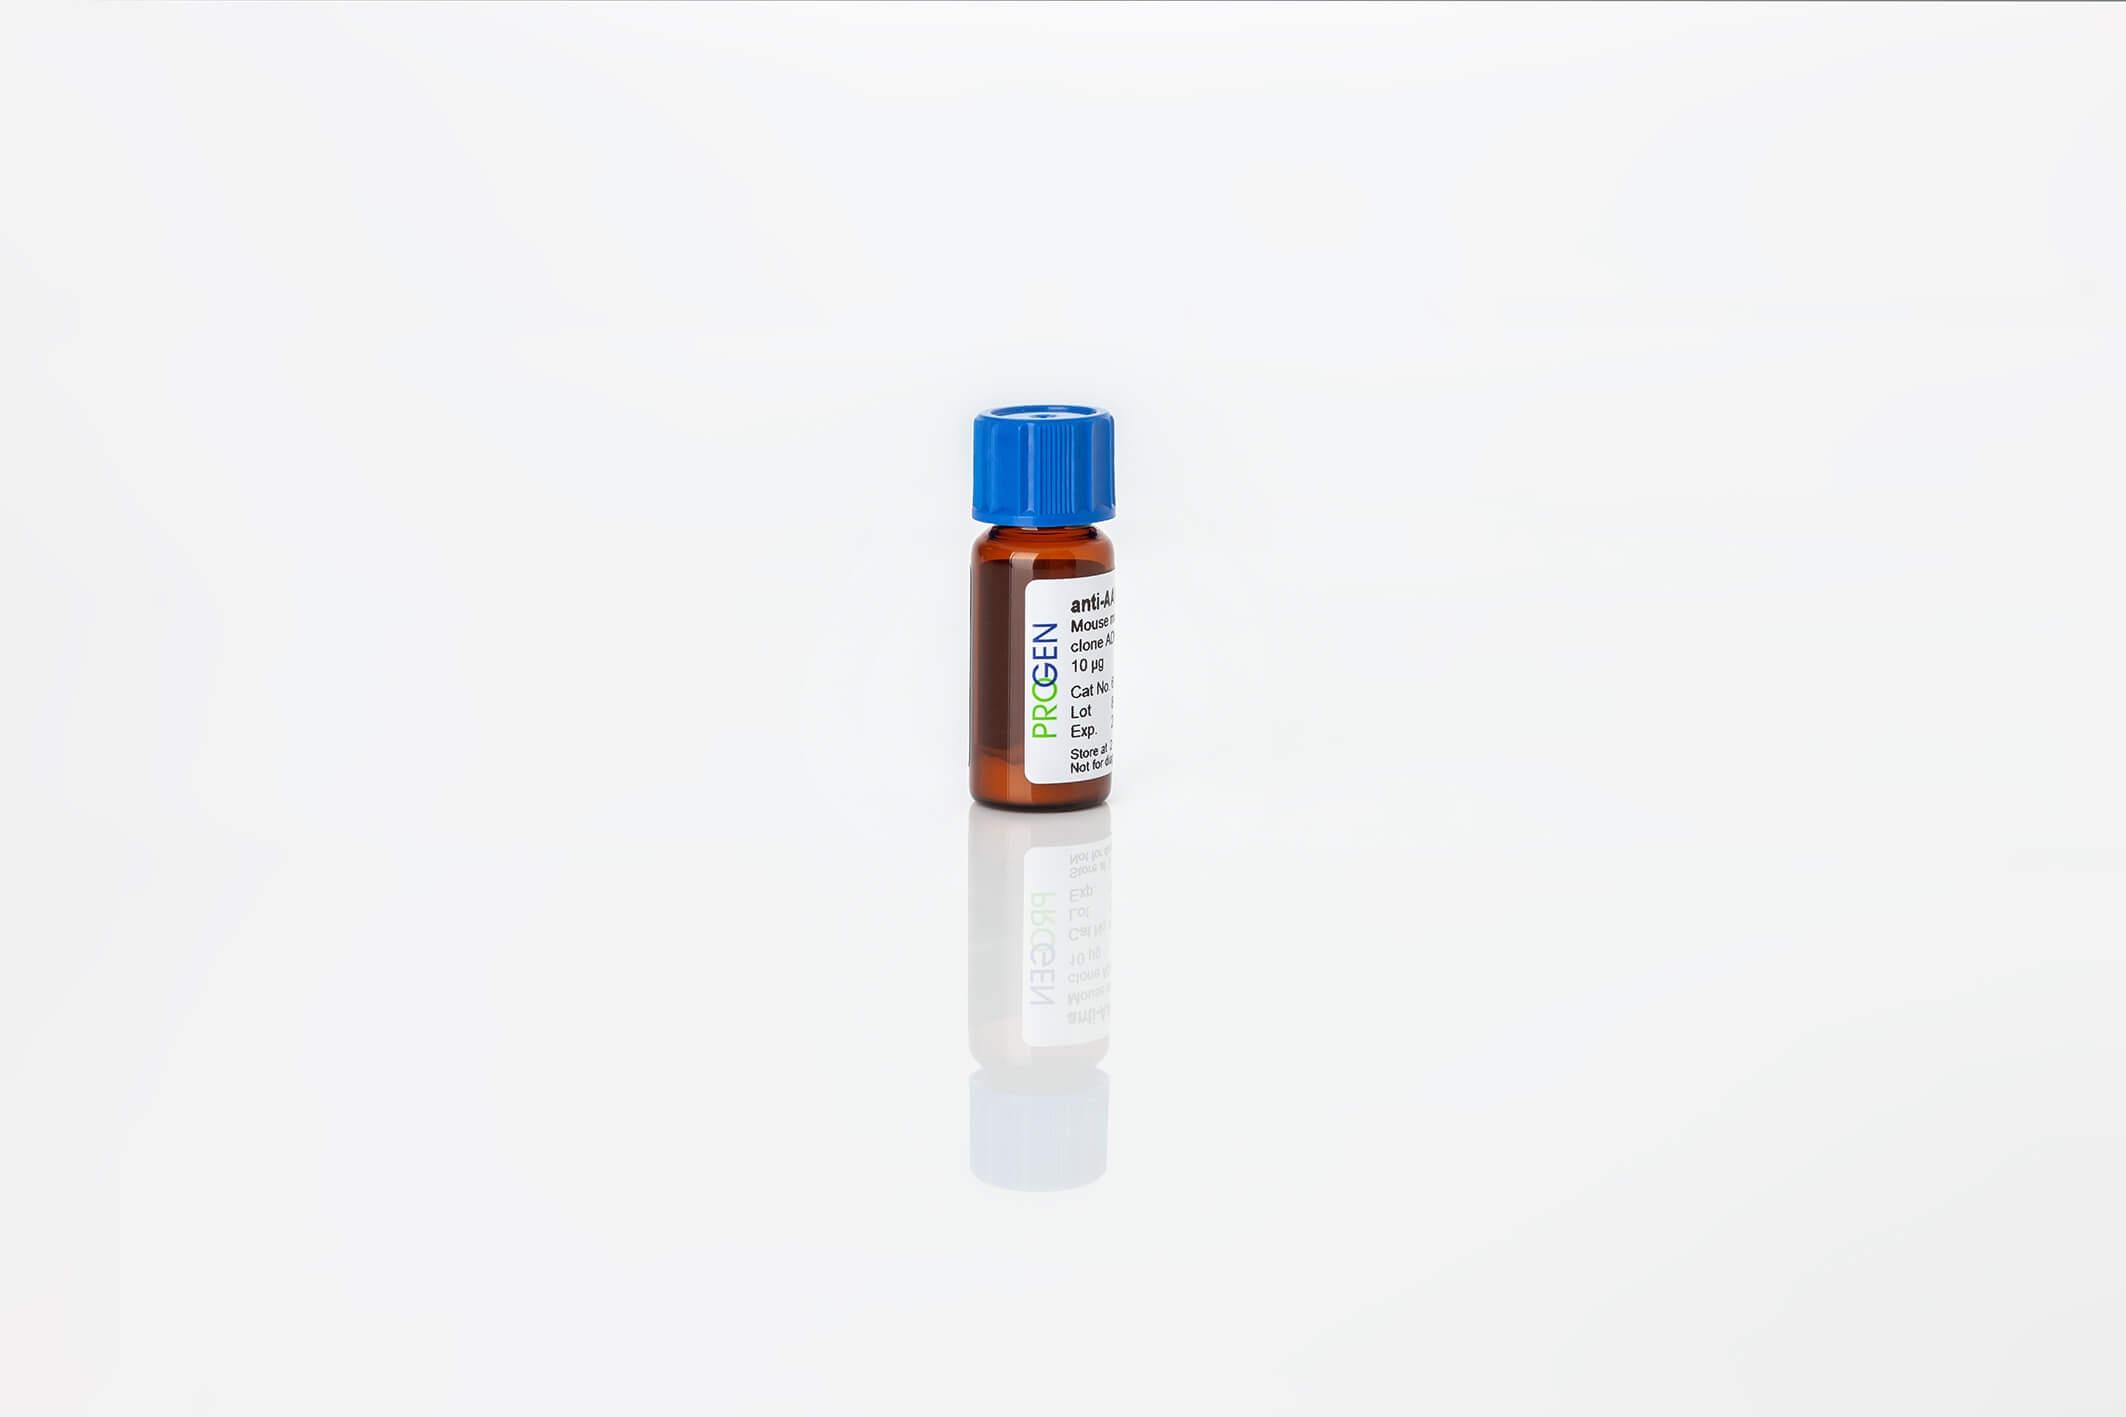 anti-Keratin K13 mouse monoclonal, 2D7, supernatant